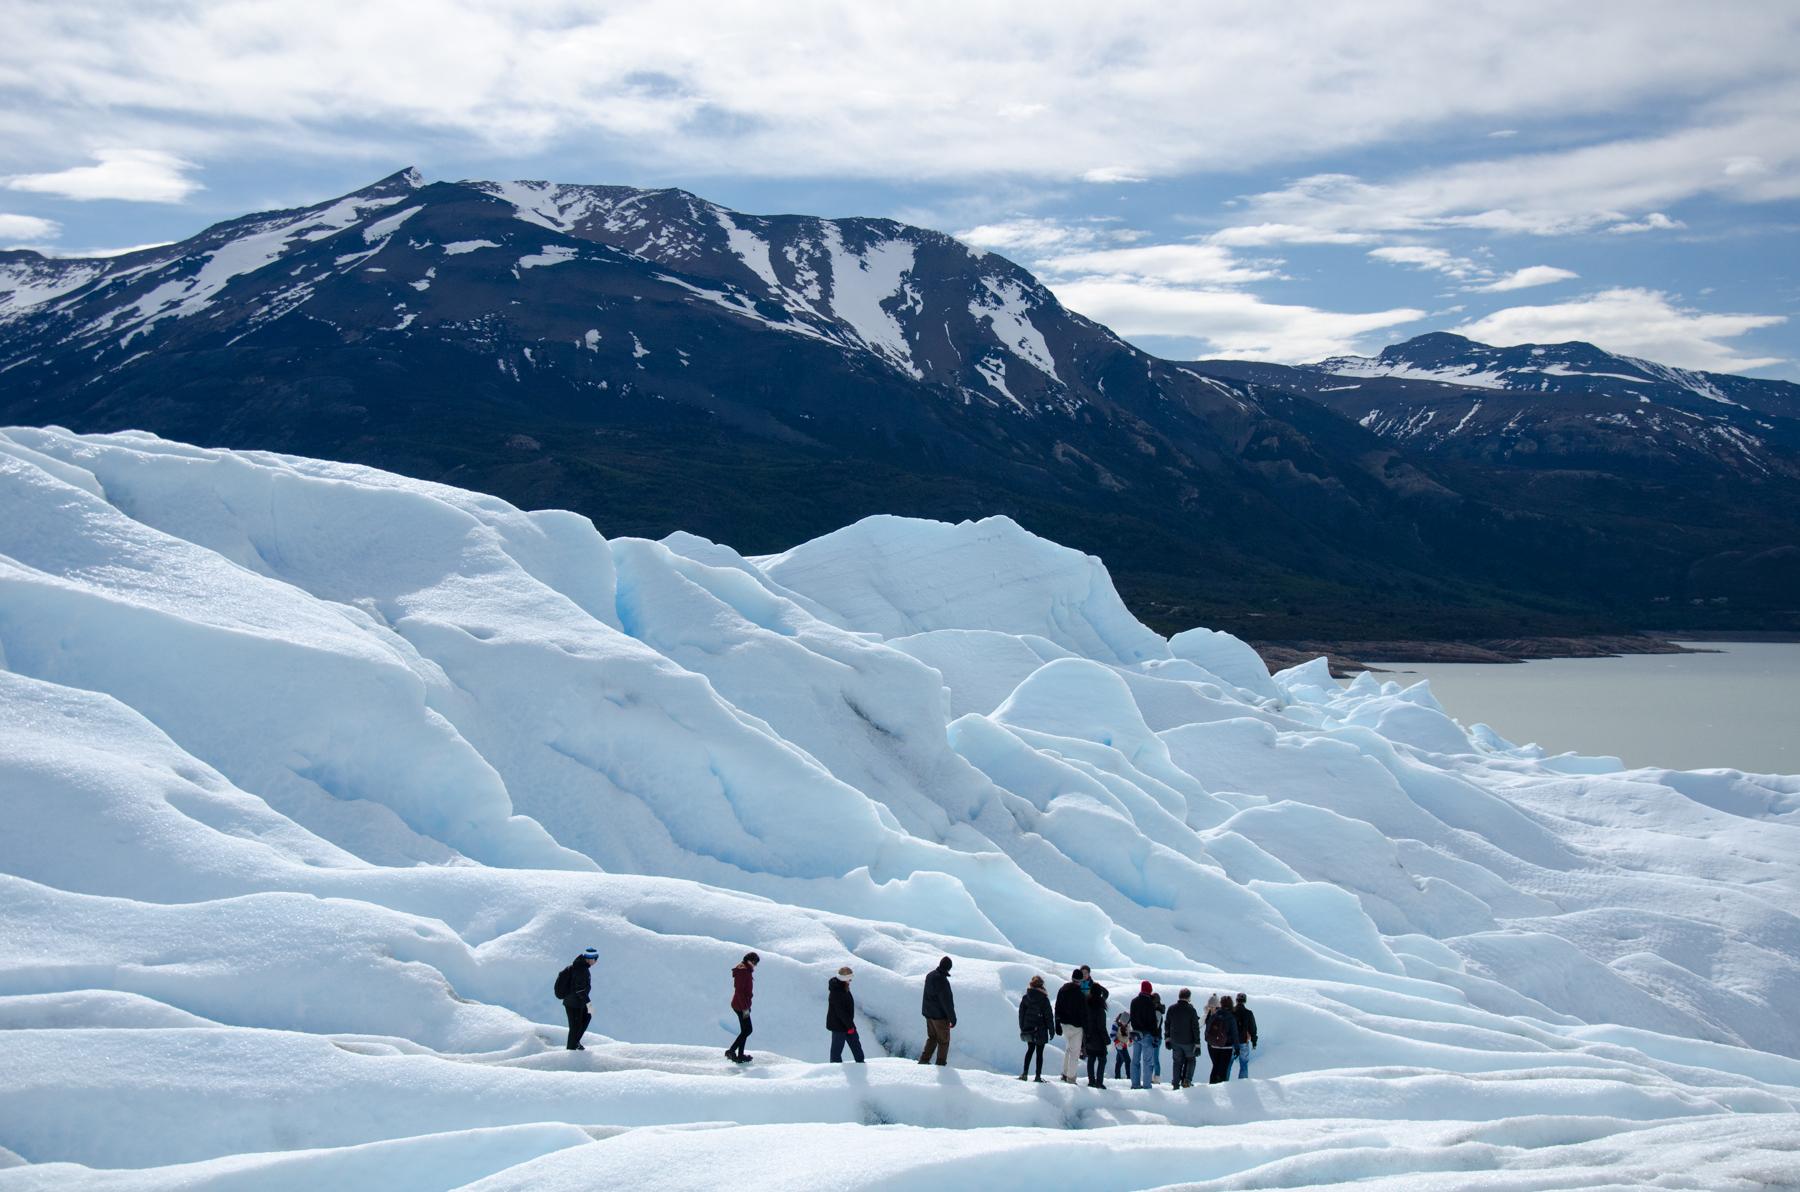 Perito Moreno glacier trekking, El Calafate, Patagonia